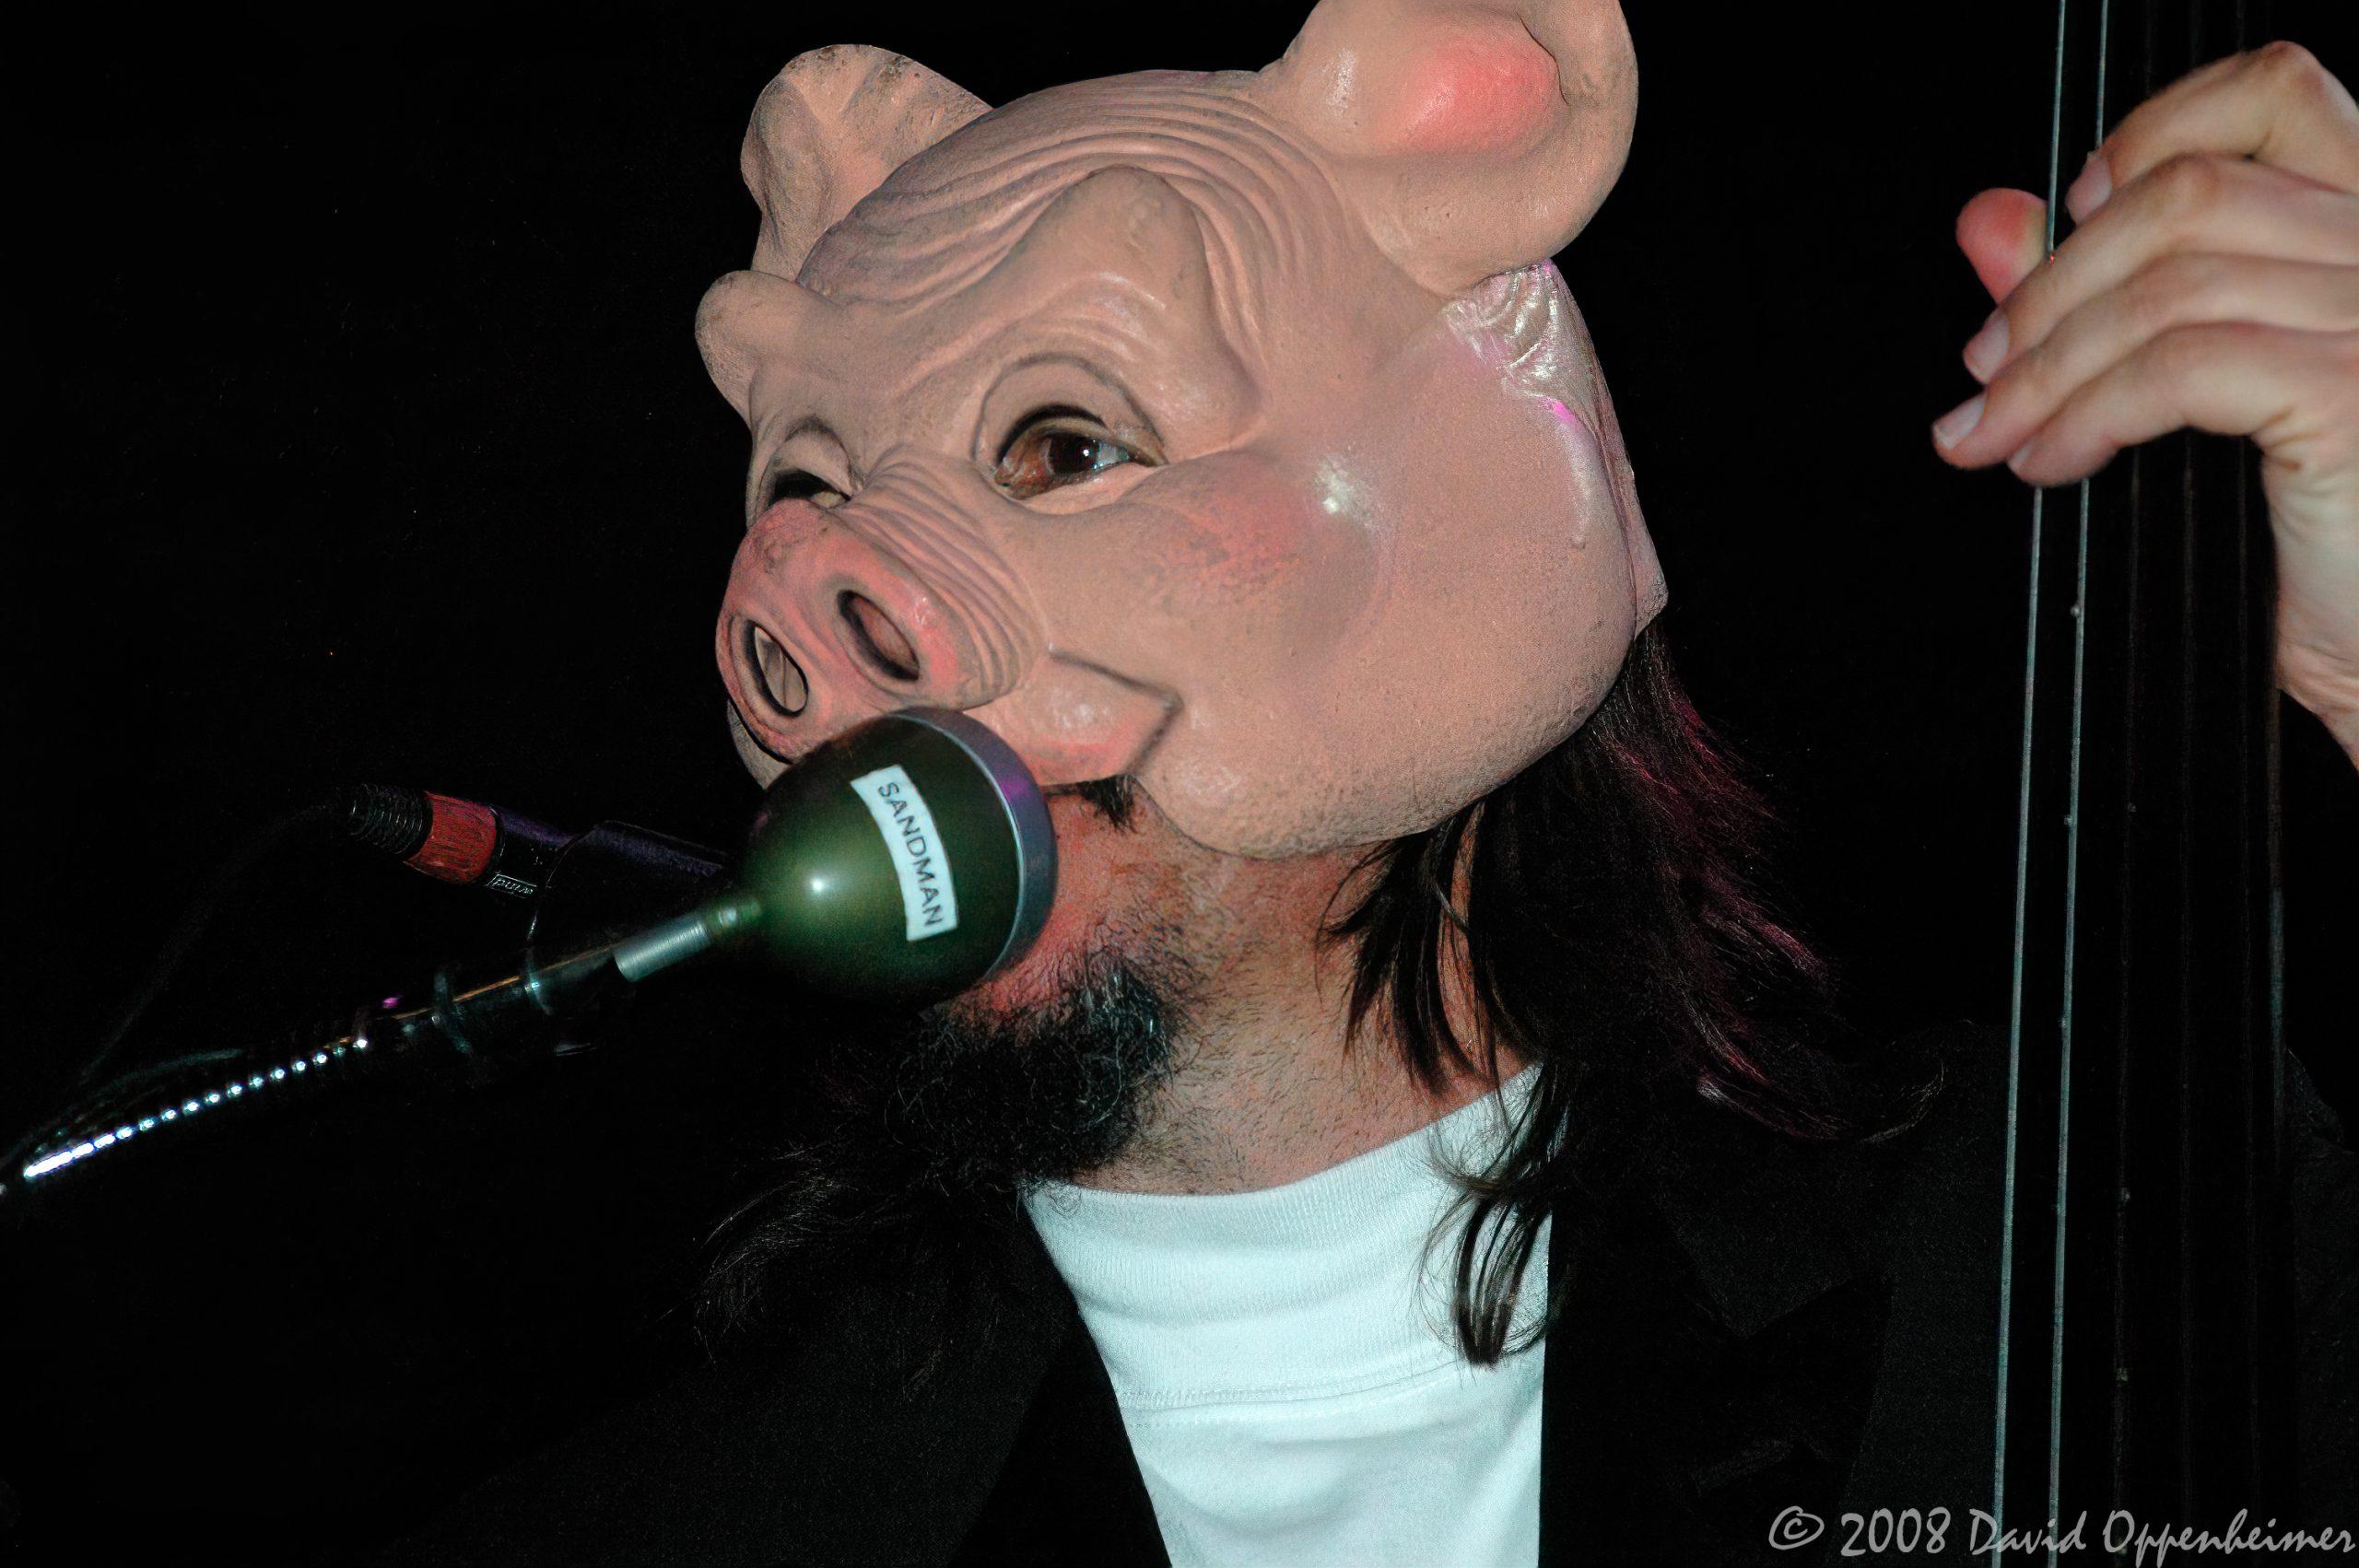 Les Claypool at Langerado Music Festival 2008